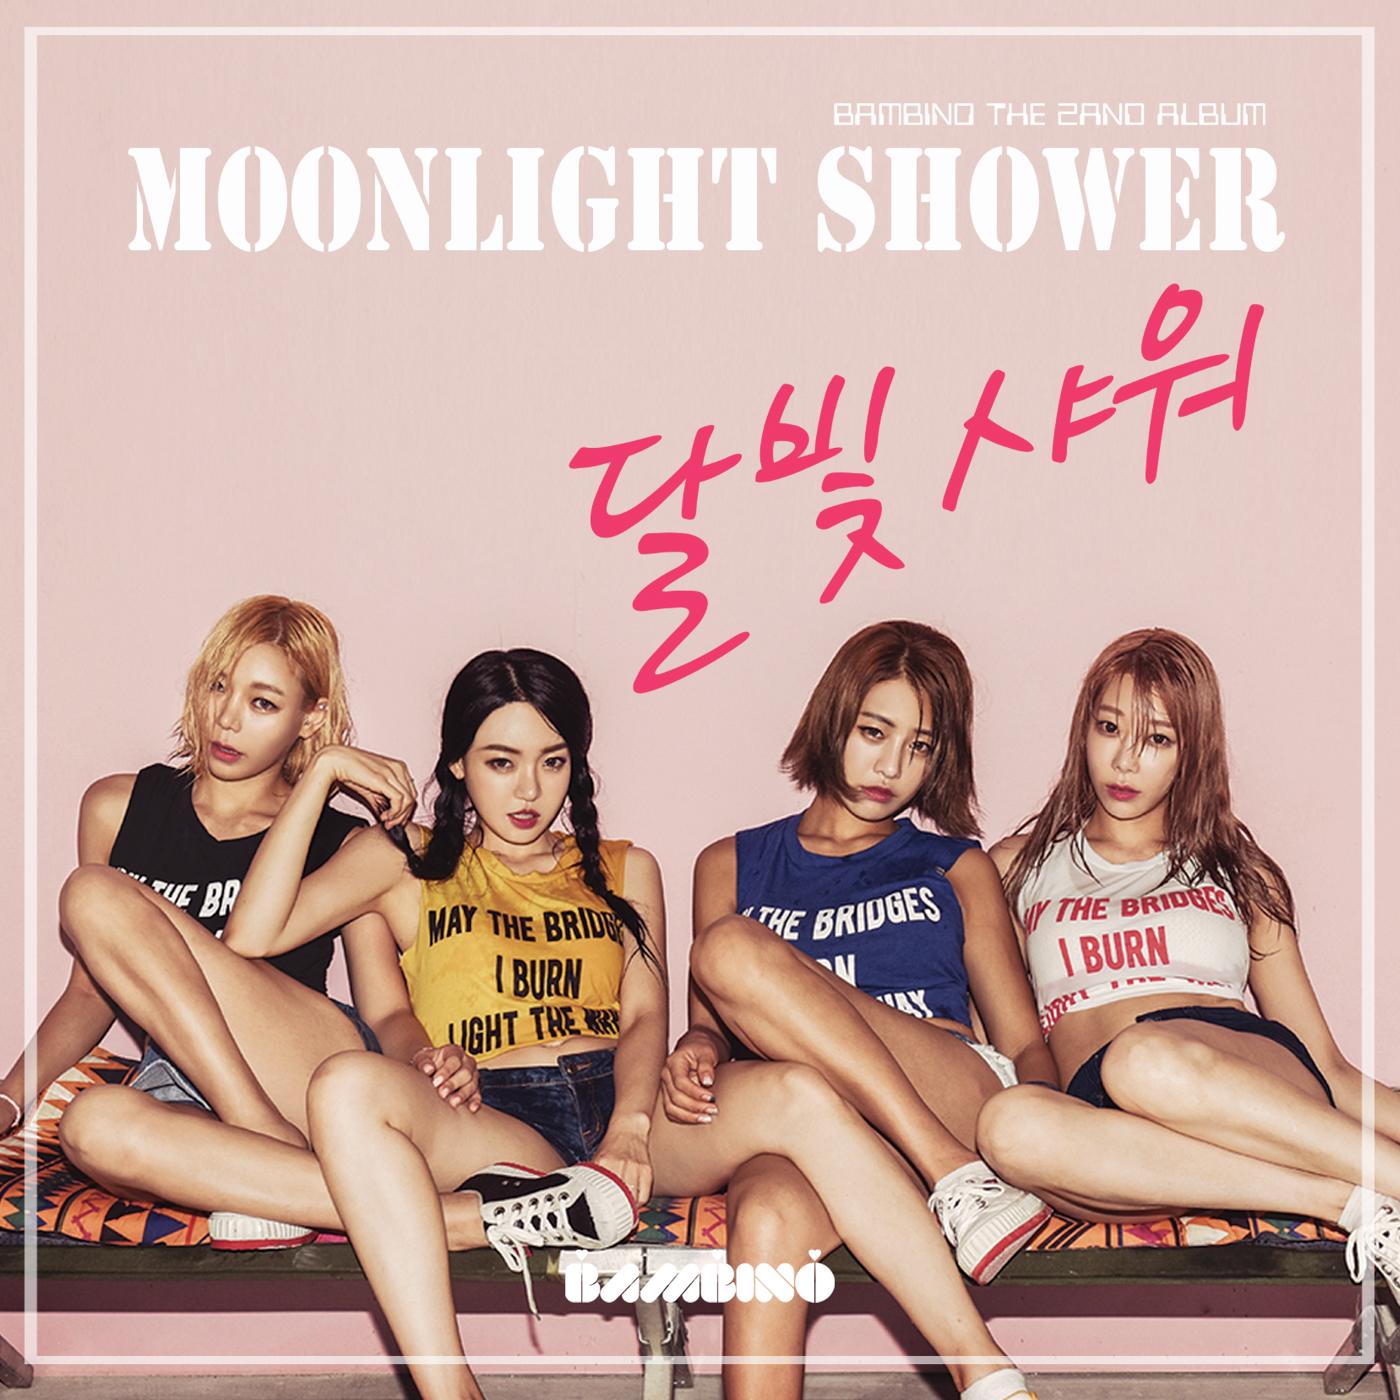 Moonlight Shower